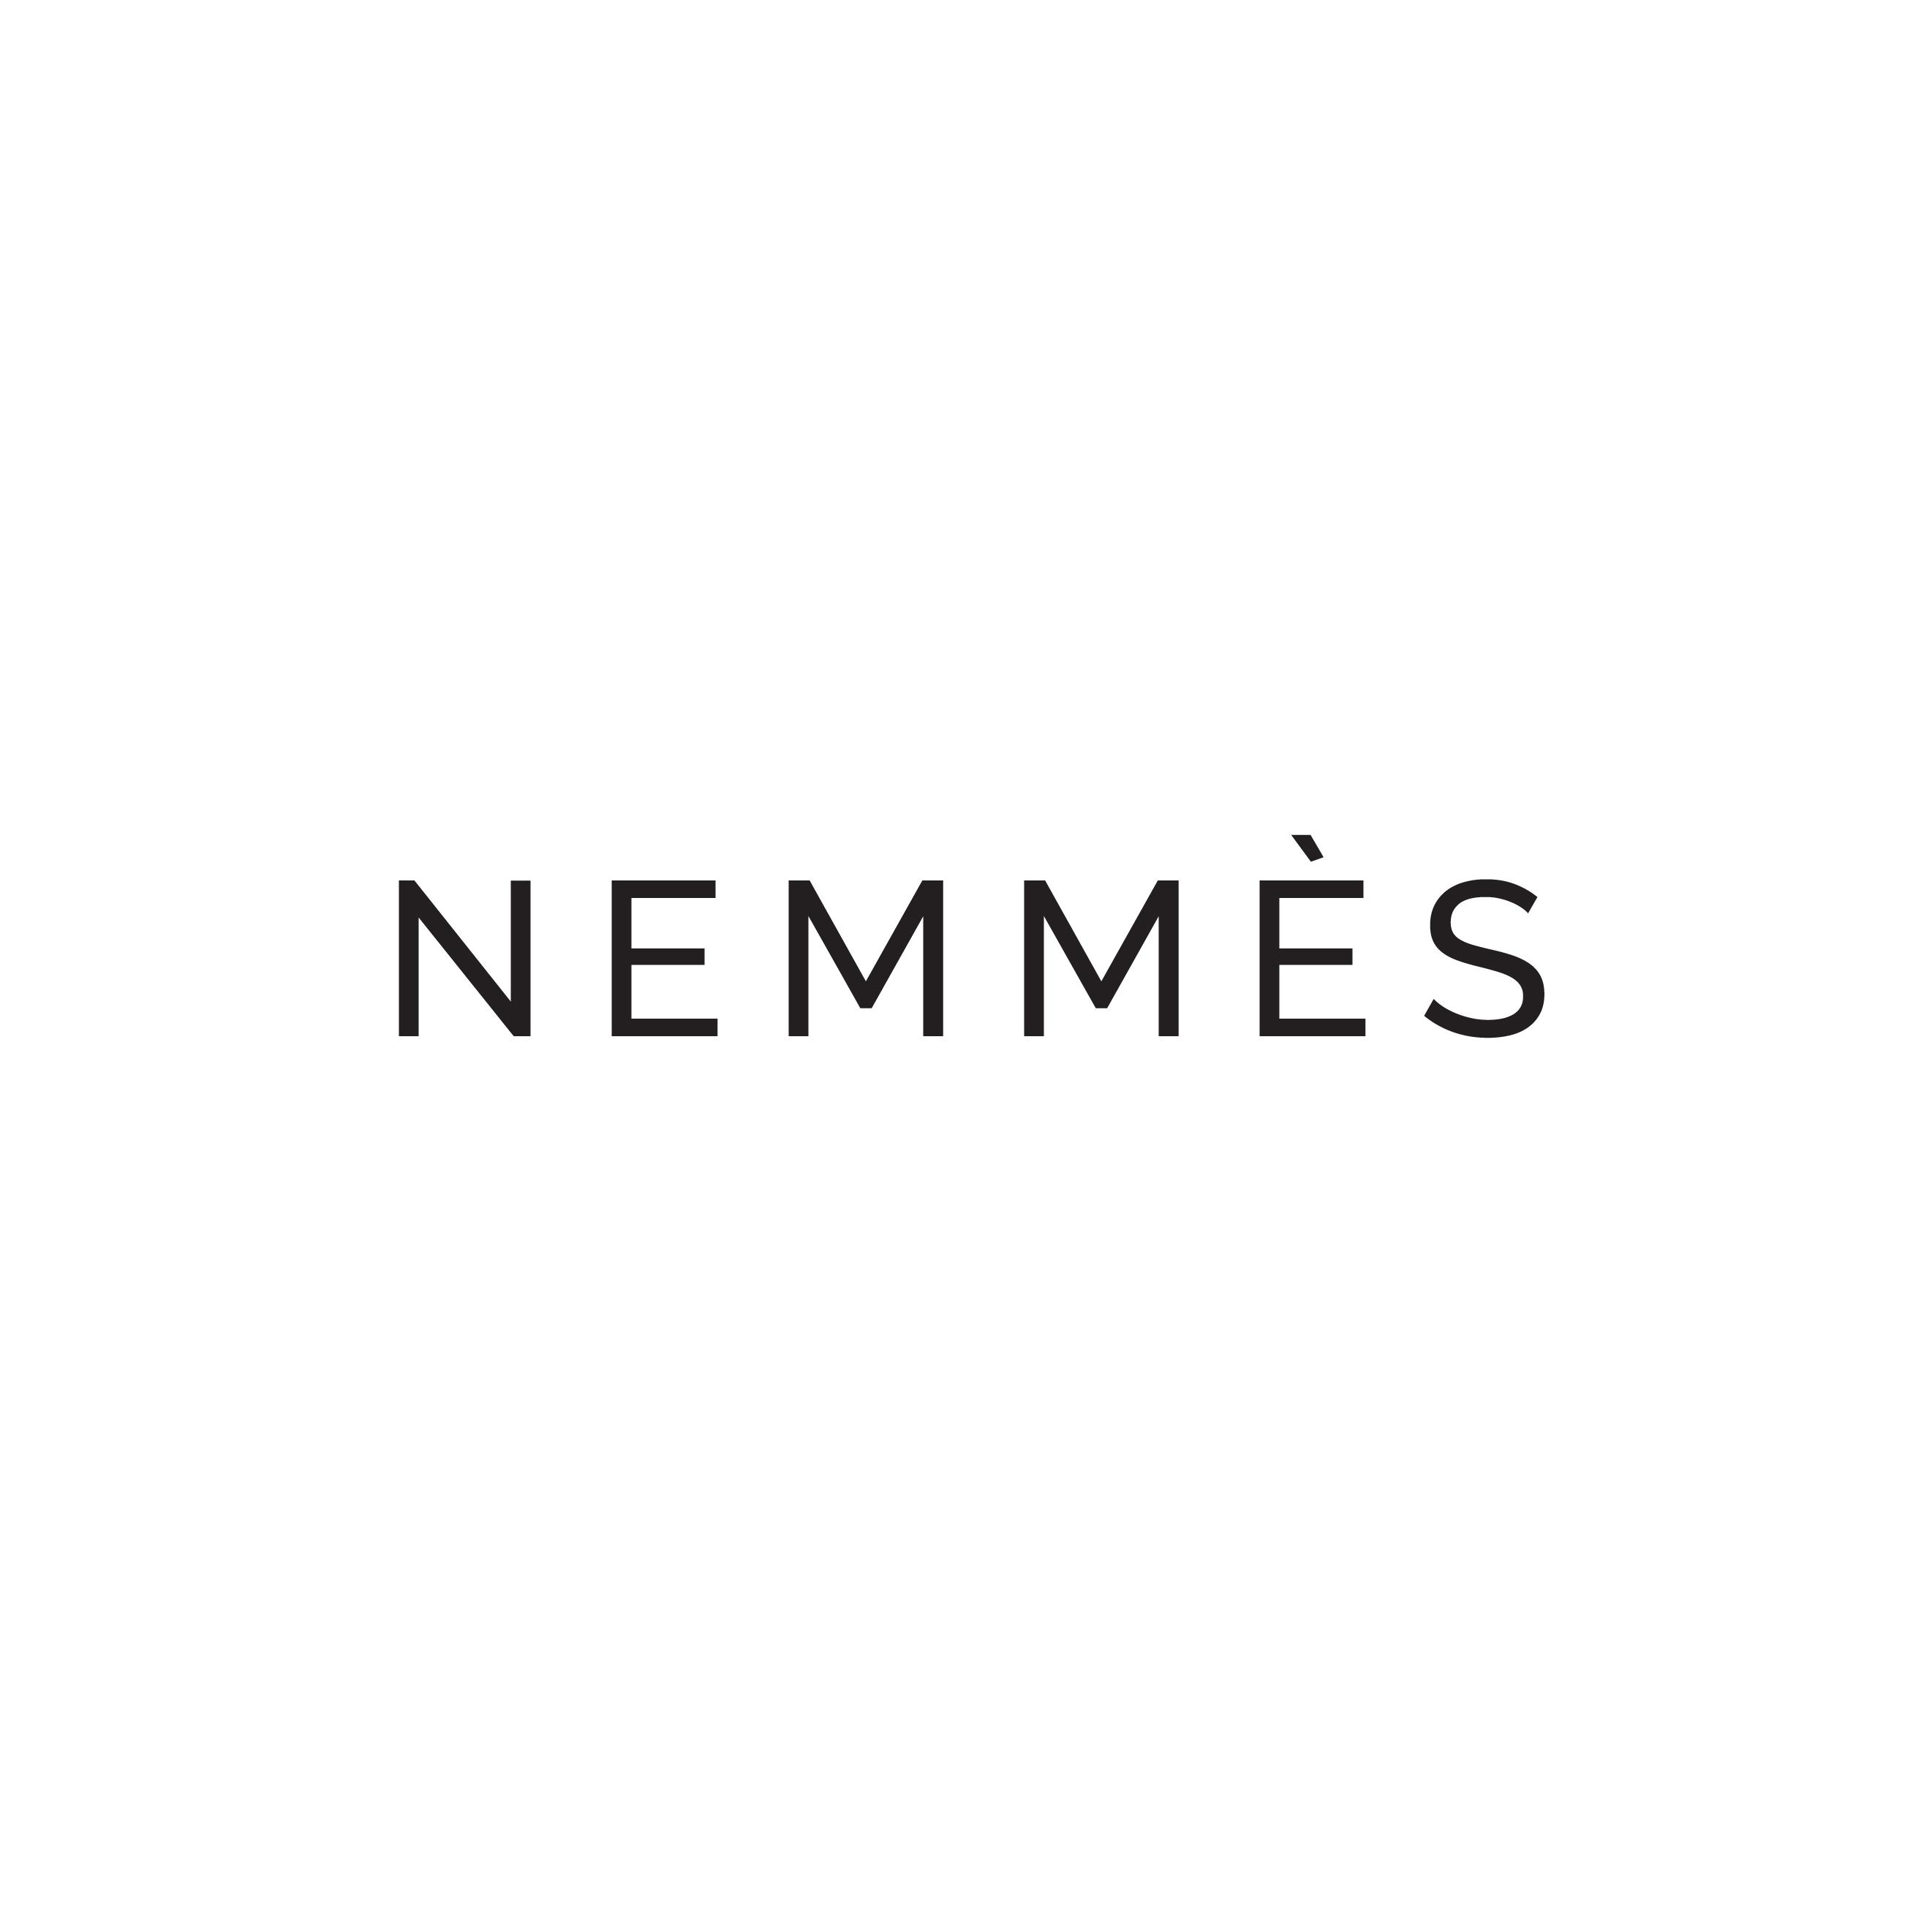 NEMMES